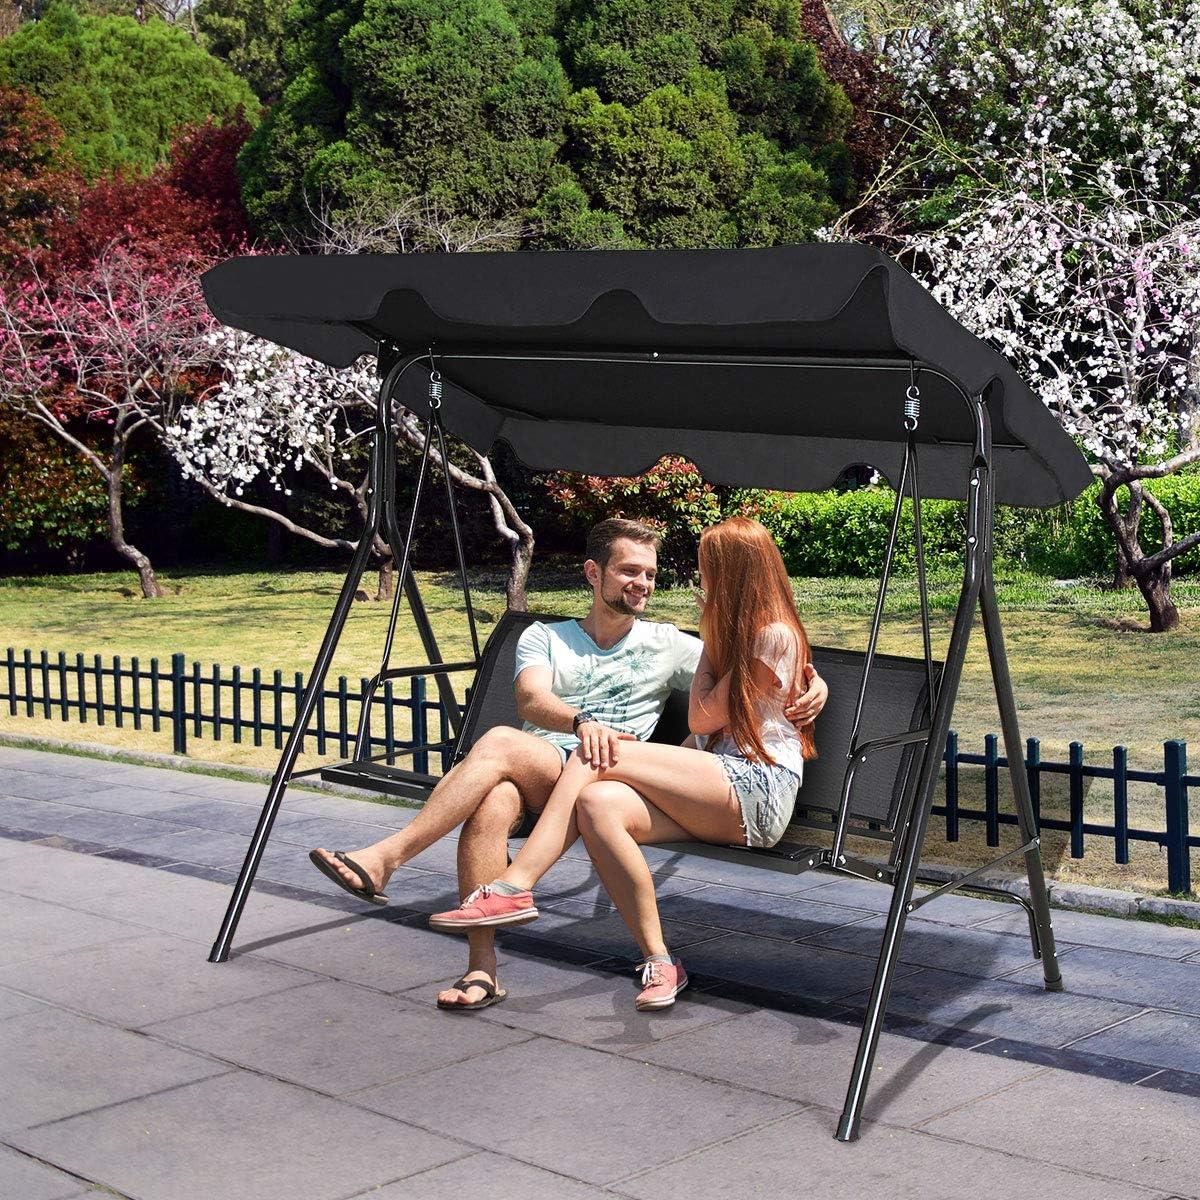 Gartenschaukel 3-Sitzer Schaukelbank Schwarz Schaukel Farbewahl GOPLUS Hollywoodschaukel mit Sonnendach